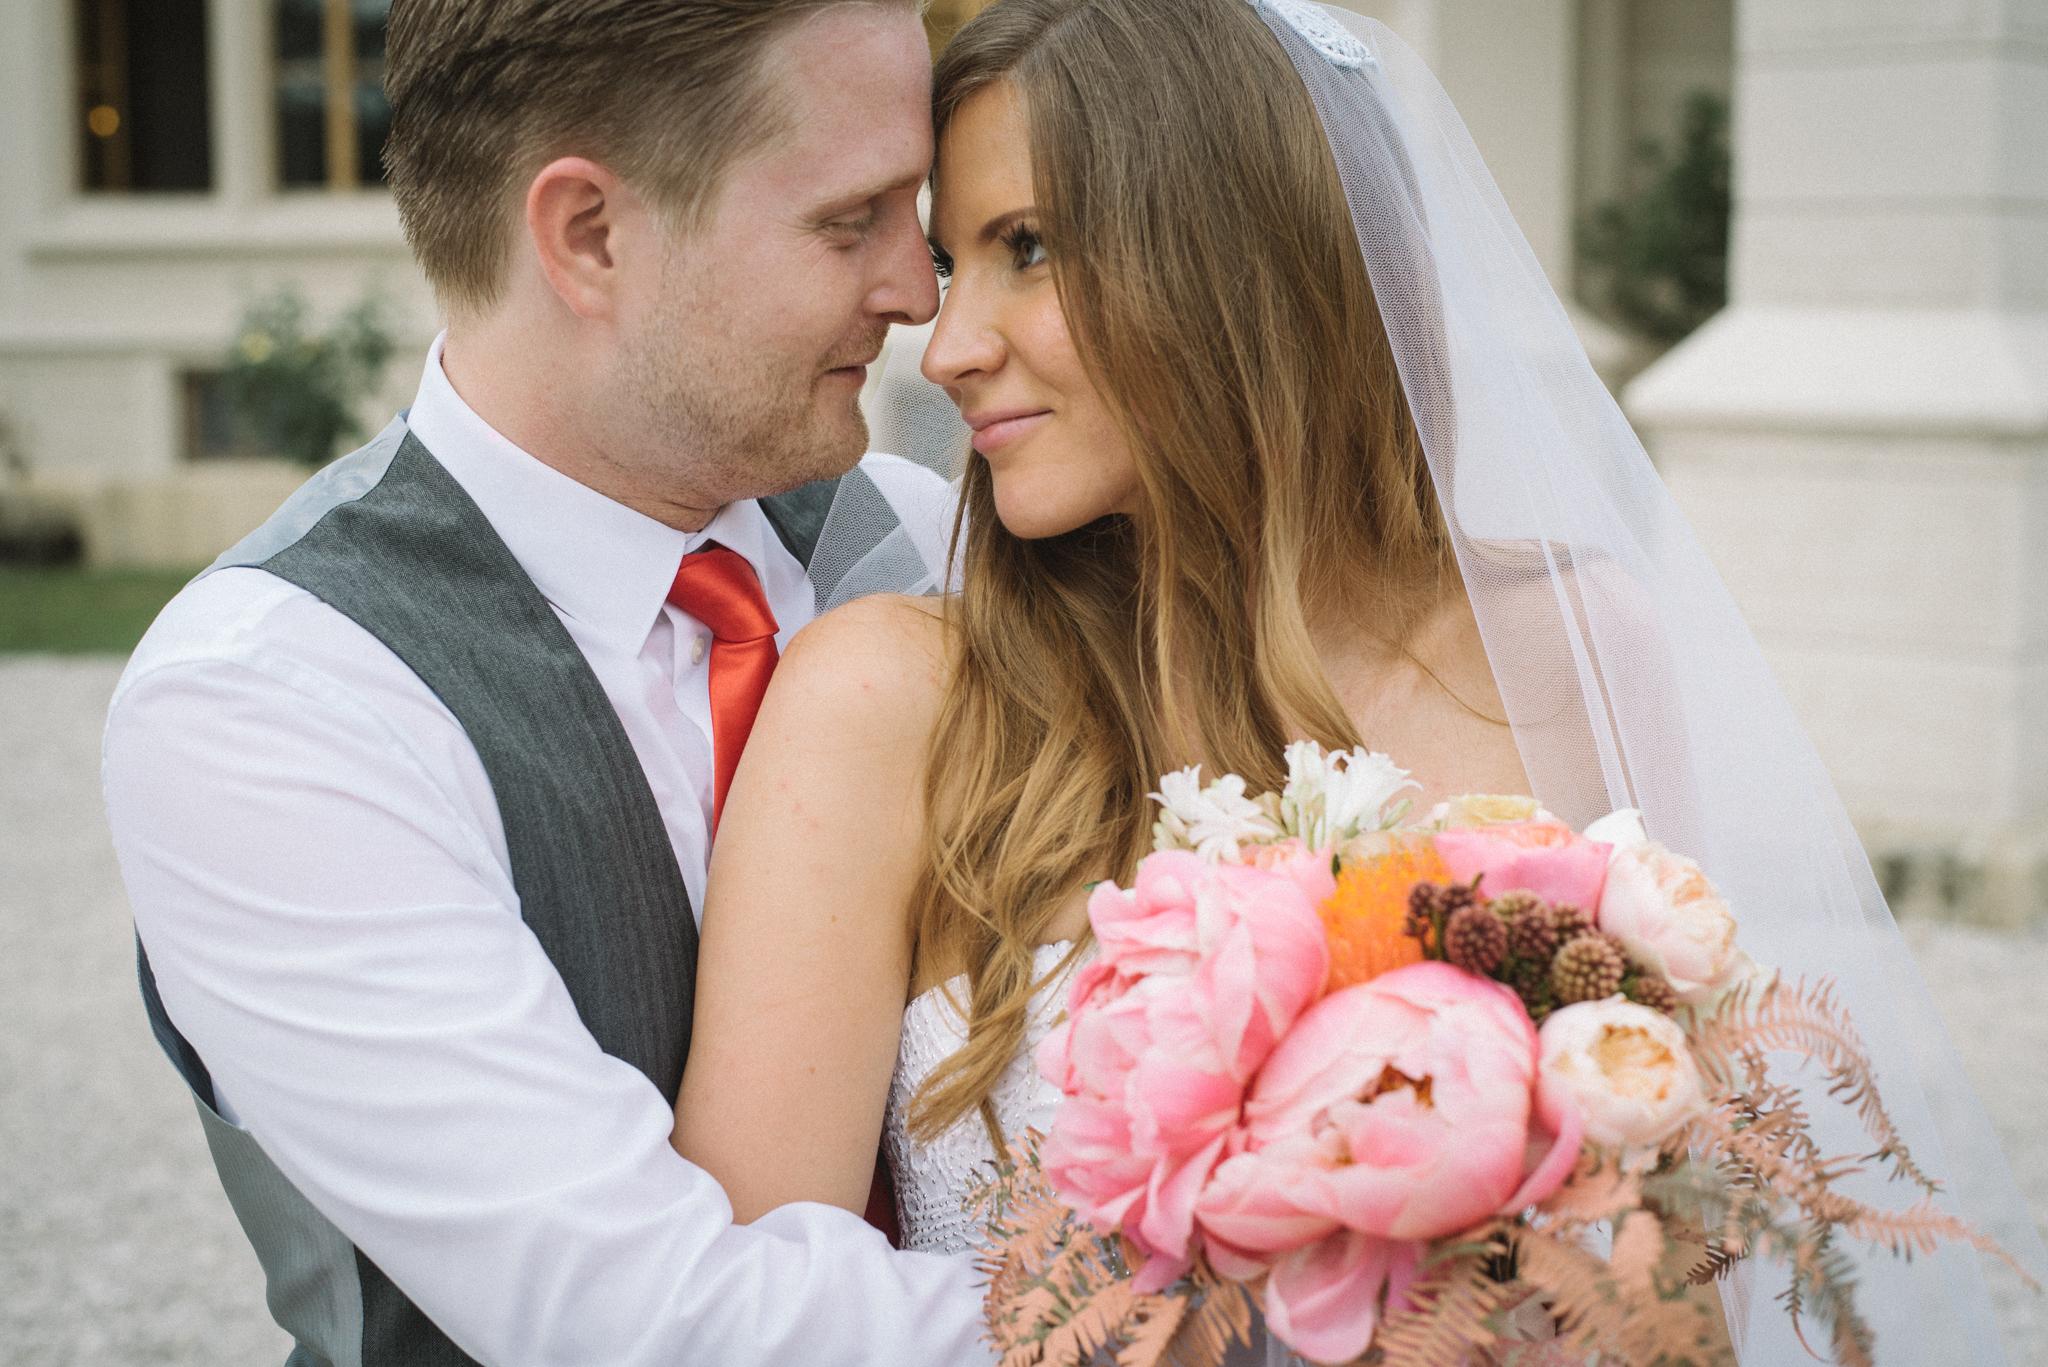 gabor-sallai-wedding-photography-eskuvo-nadasladany-DSC_2184